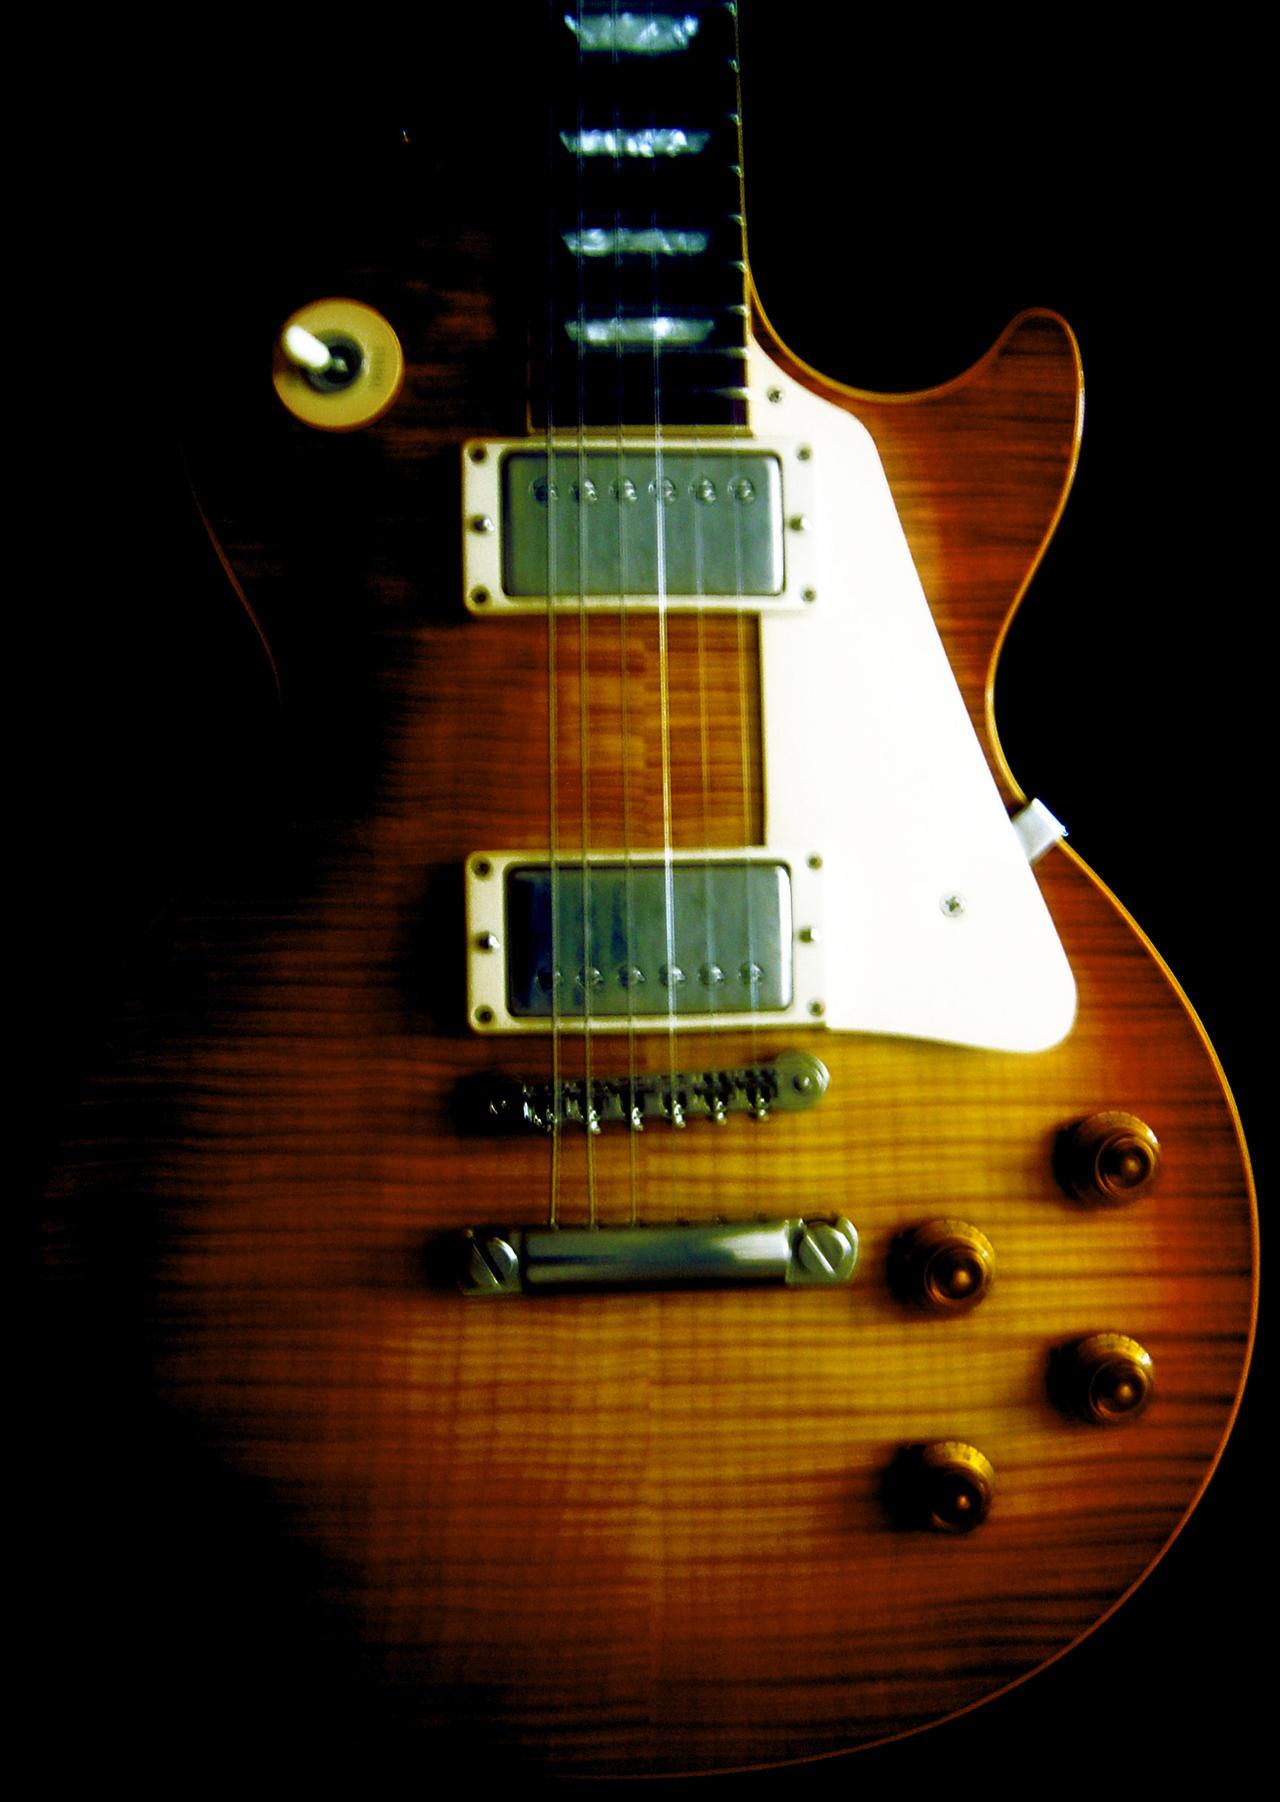 guitar wallpaper les paul - photo #15